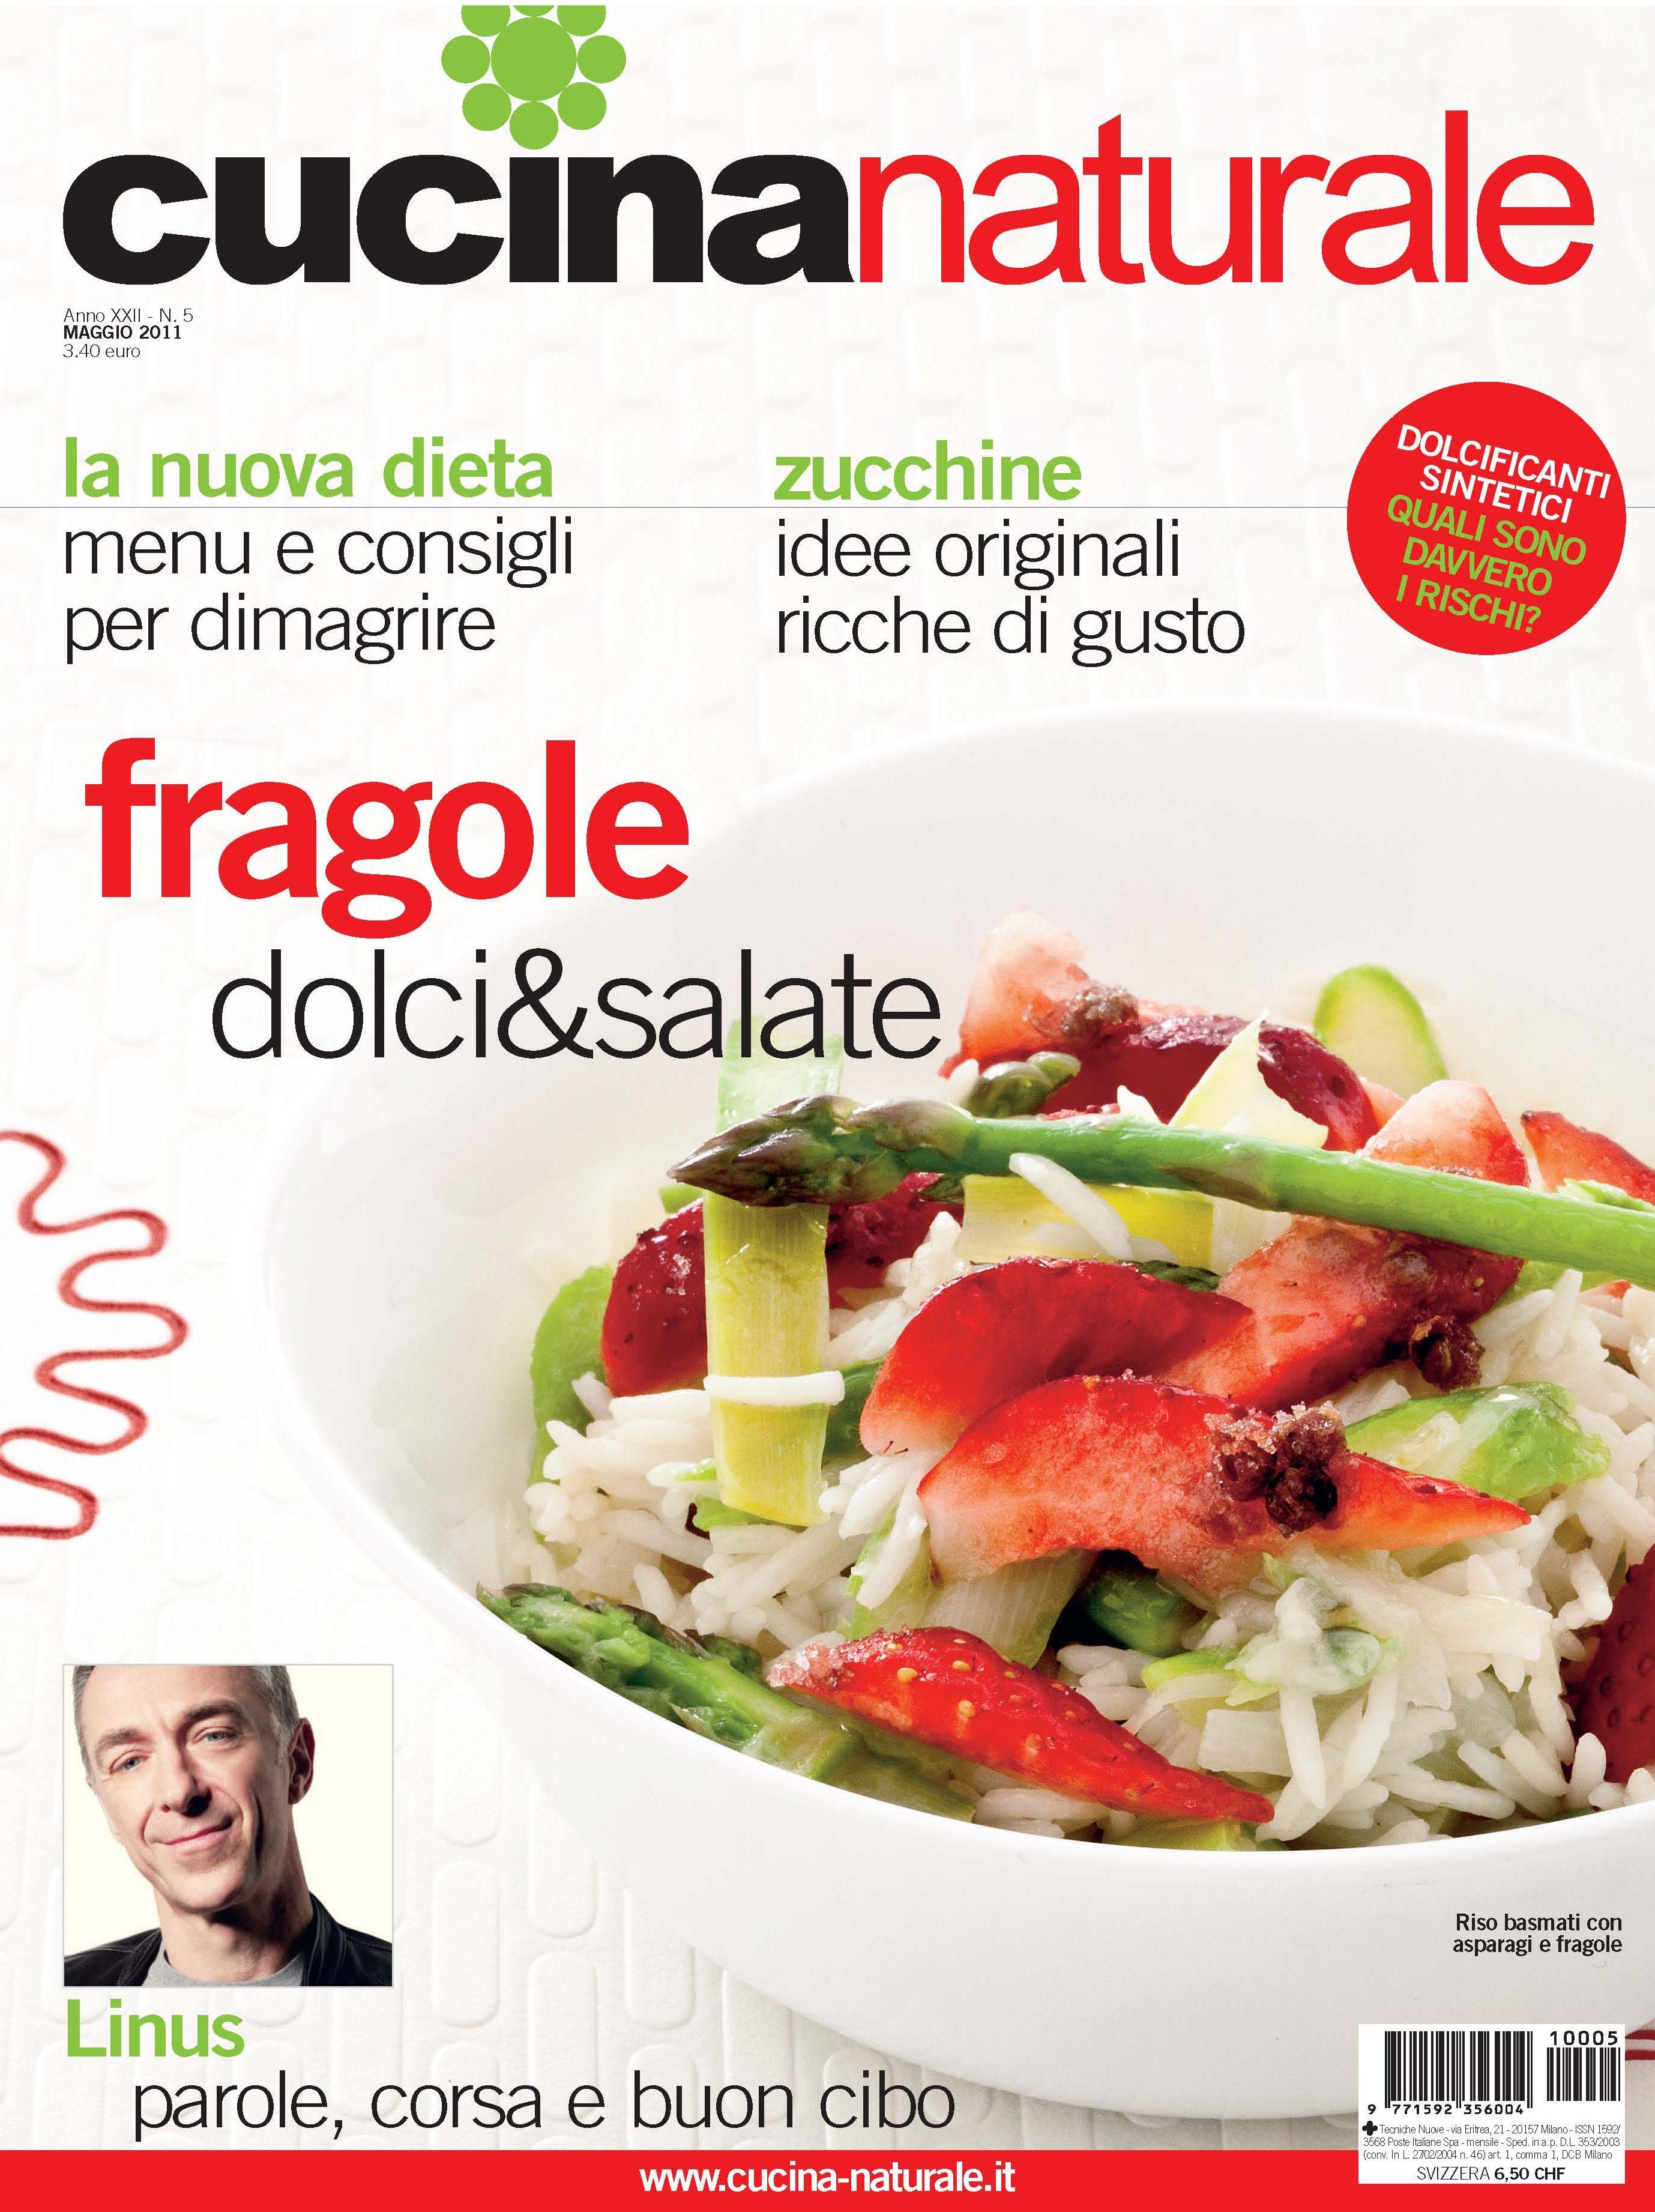 Cucina Naturale di maggio: Fragole dolci e salate, Idee originali con le zucchine, La nuova dieta di stagione